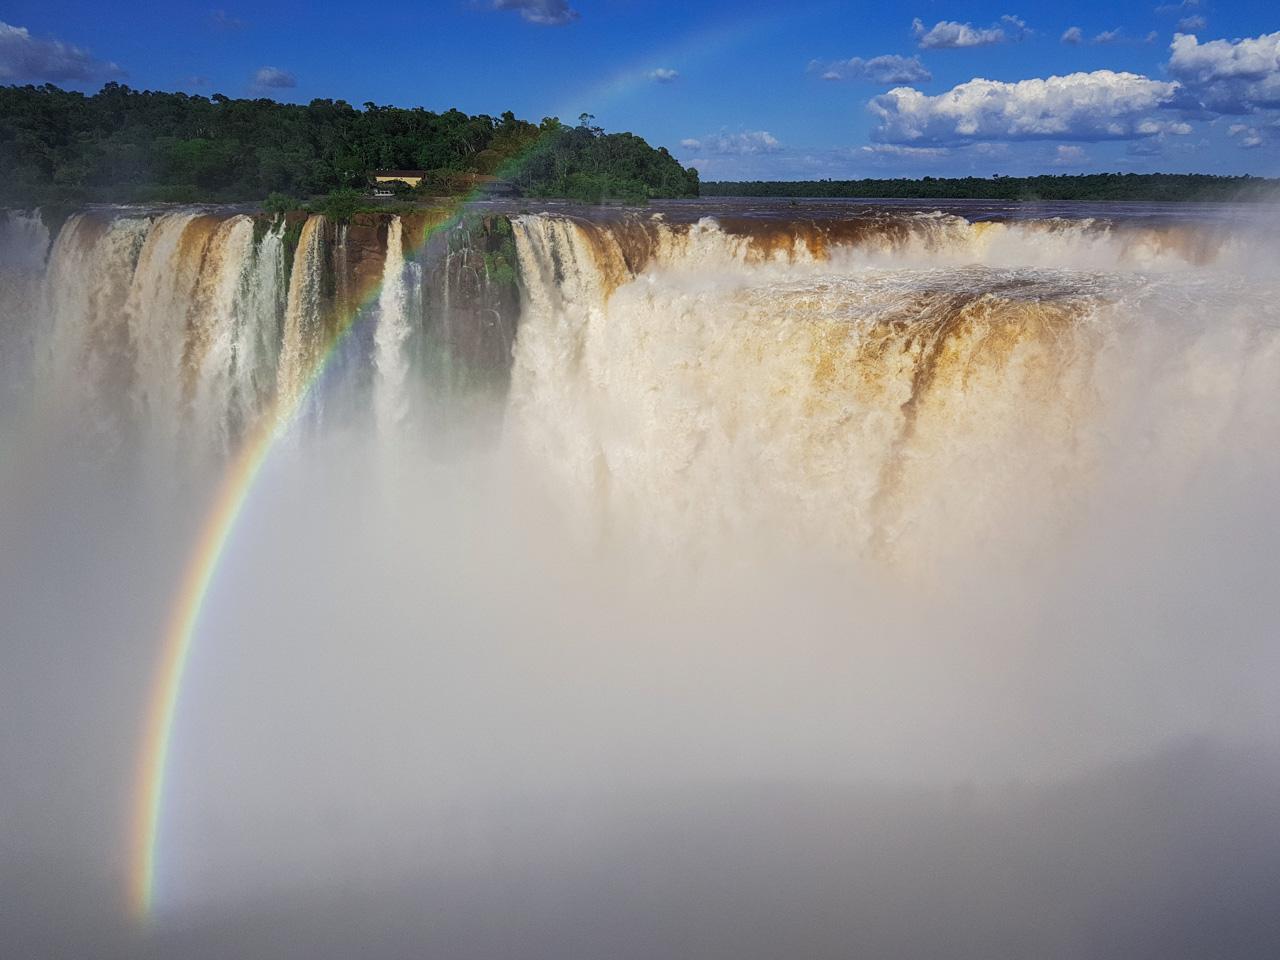 Un arcoíris se revela con el sol de mediodía entre las aguas de las cataratas del Iguazú, en el lado argentino, en Puerto Iguazú - Argentina. Fotografía de smartphone con Samsung Galaxy Note 8. (Elton Núñez).